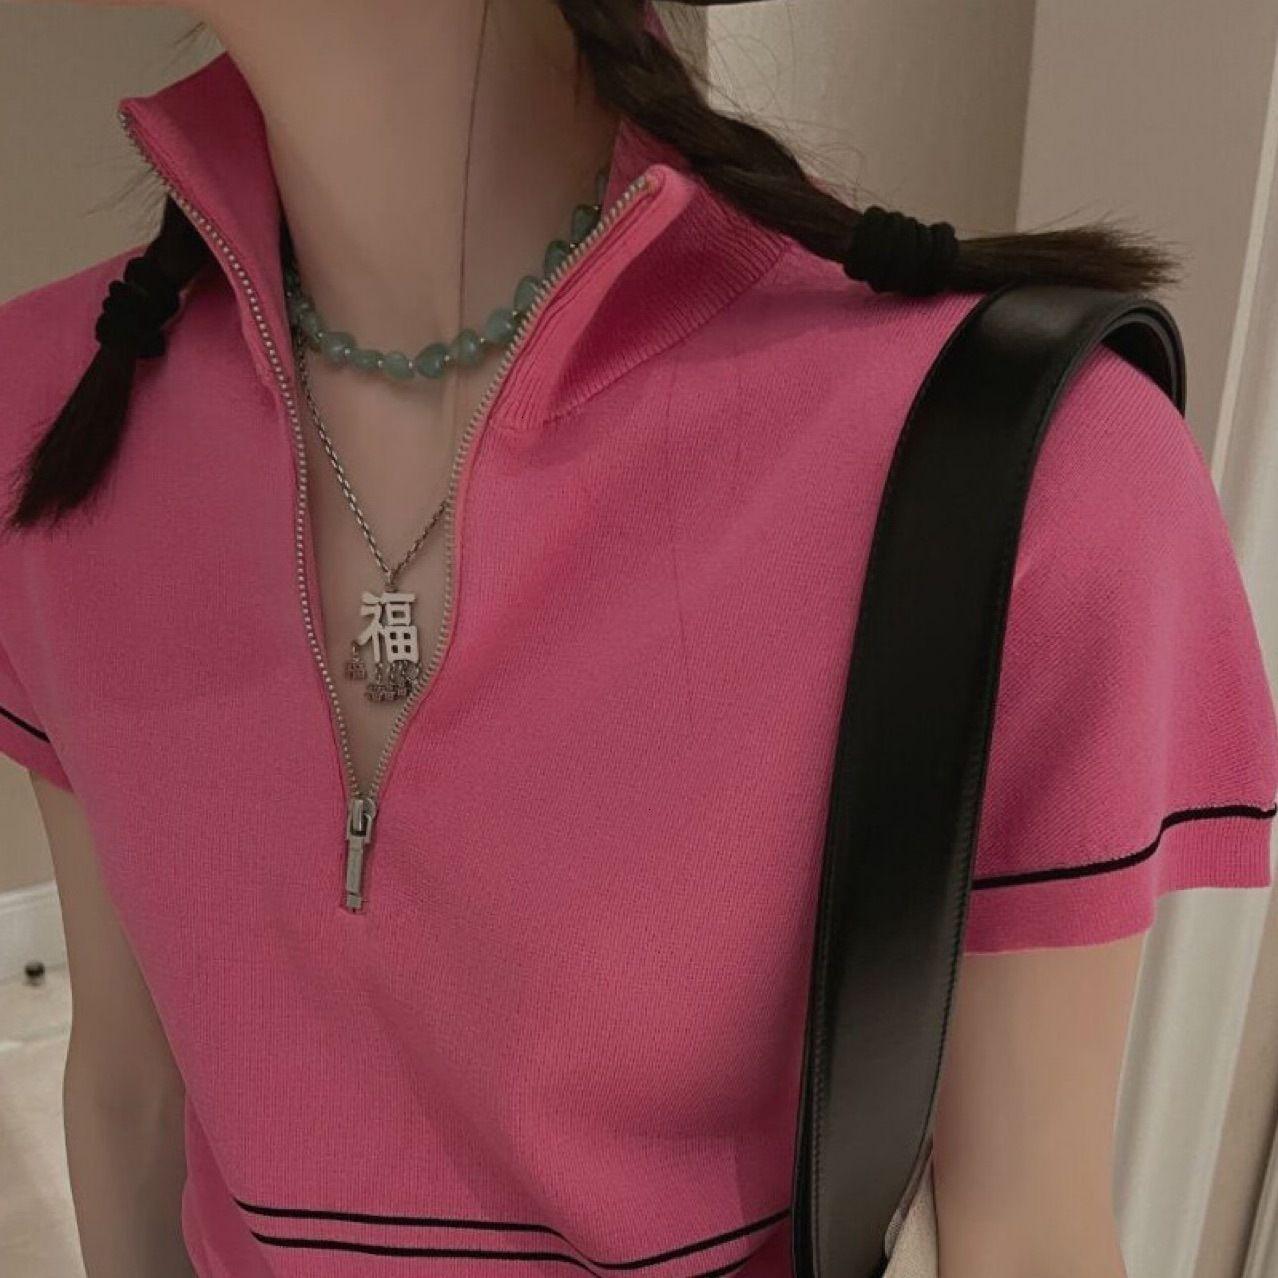 MS Ожерелье и Ожерелье Моны Натуральный Джейд Цветоносная цепная цепная платья с леди, сияющая пейзаж.